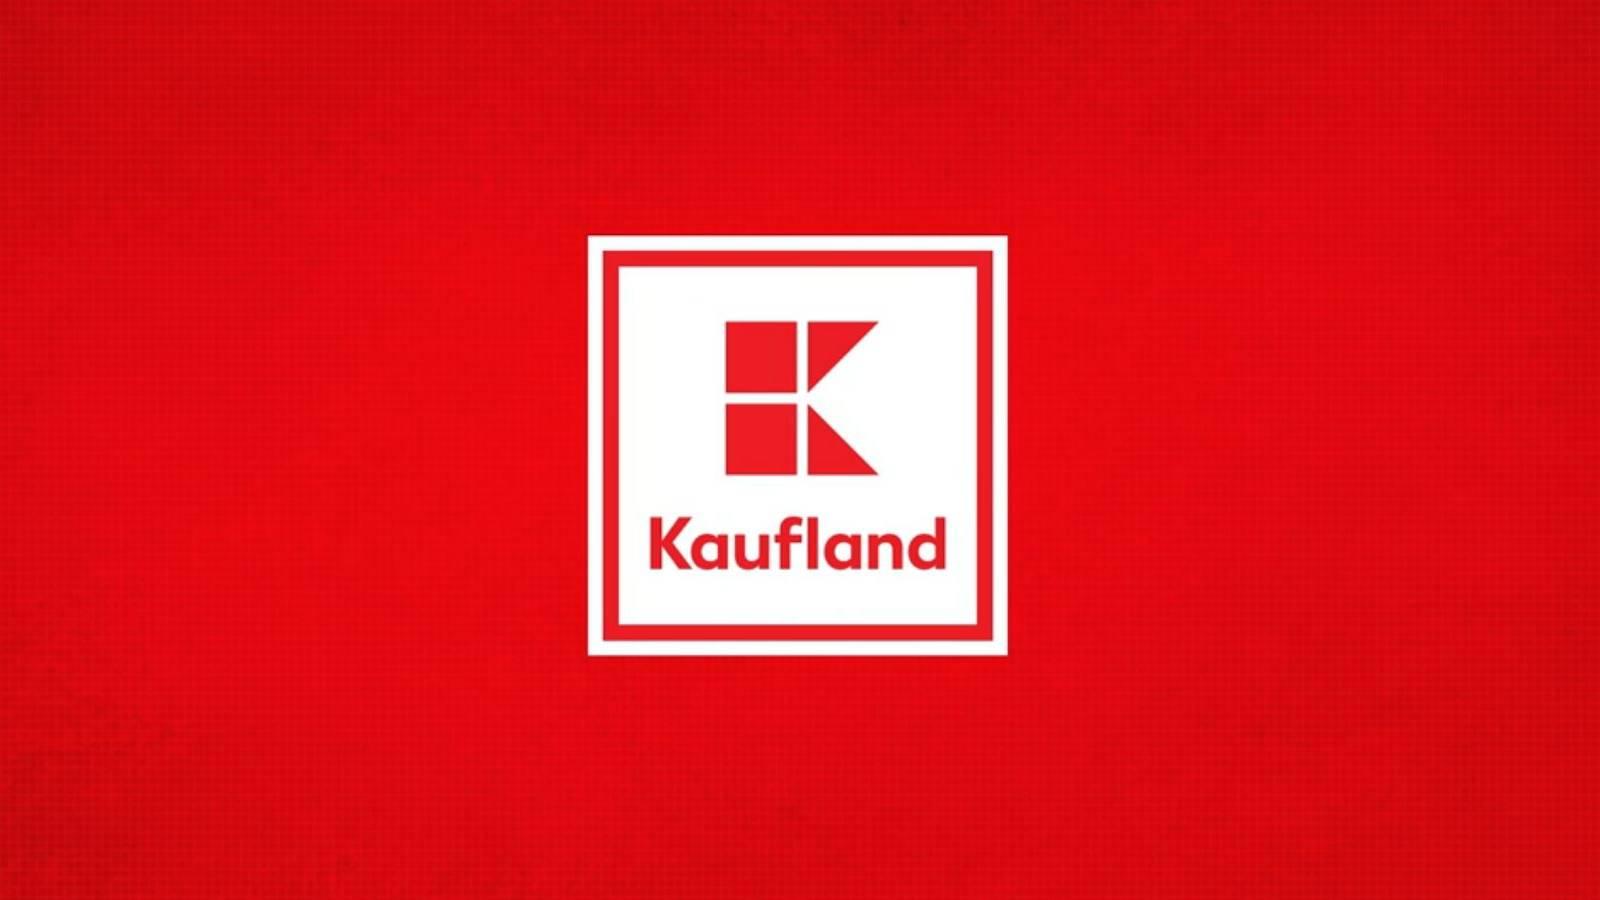 Kaufland valoare